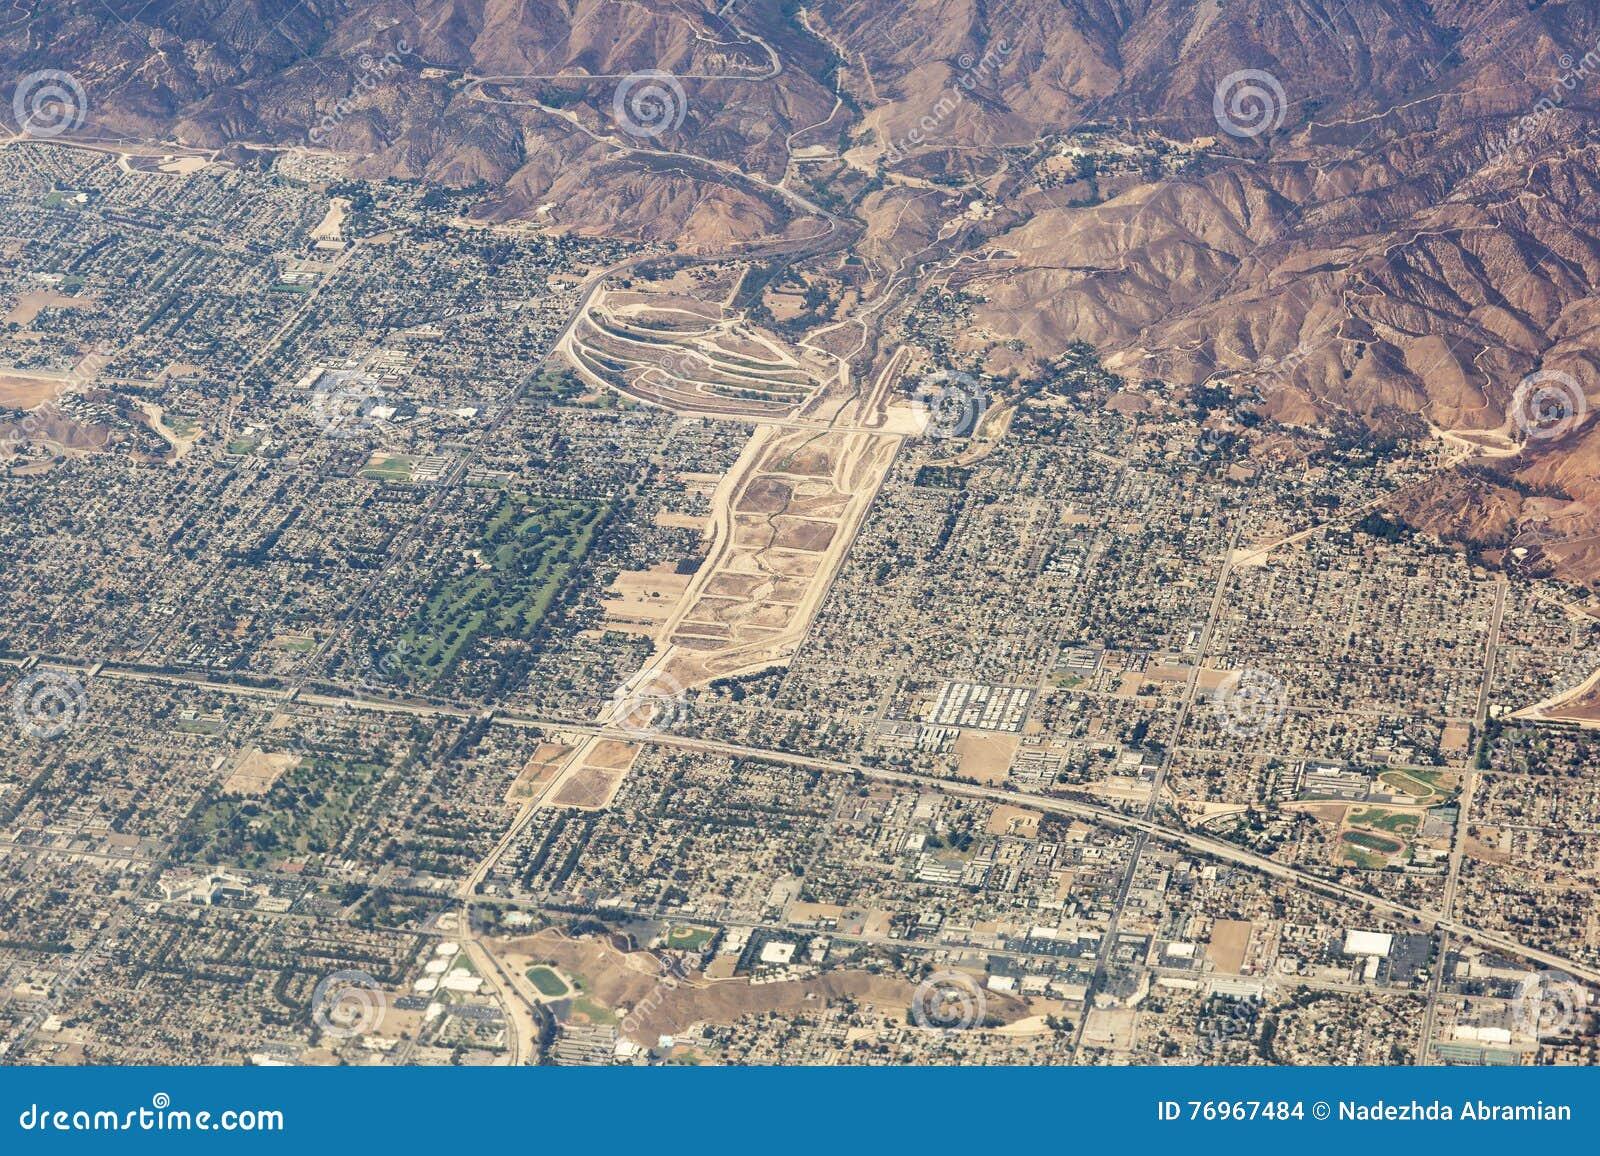 Εναέρια άποψη Λος Άντζελες στις Ηνωμένες Πολιτείες